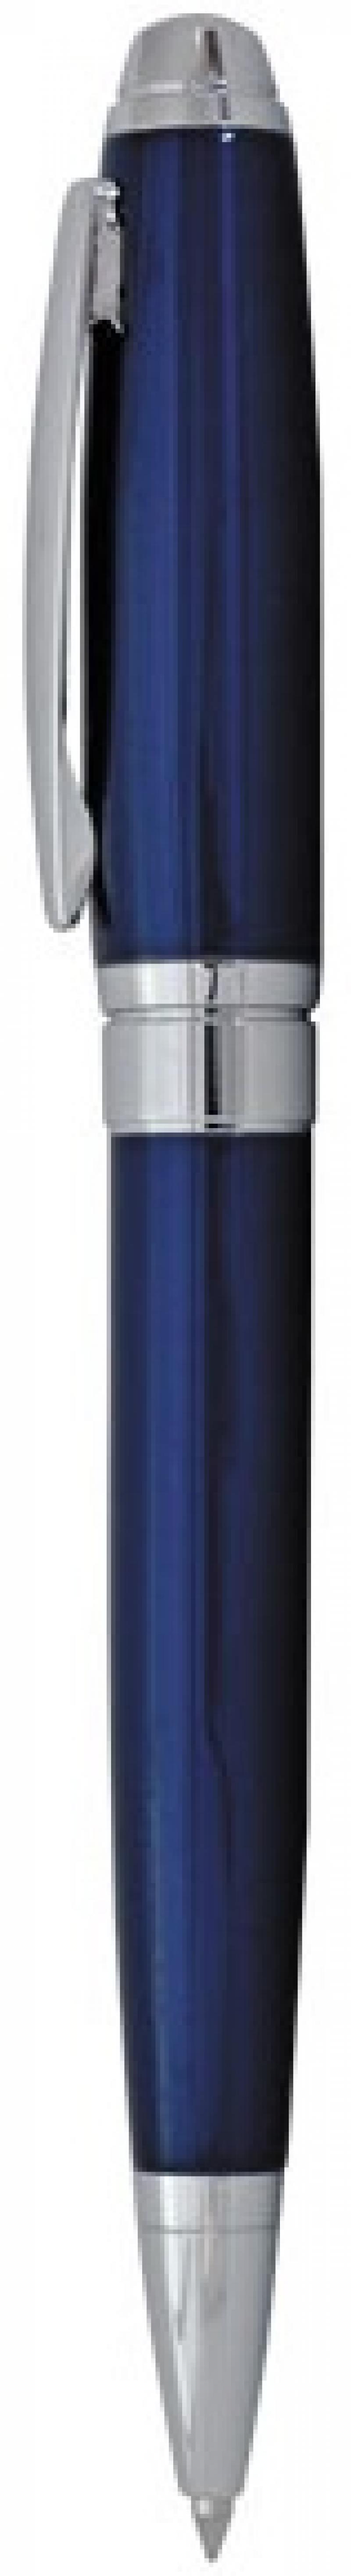 Шариковая ручка поворотная Index IMWT1137/BU/бшк синий 0.5 мм IMWT1137/BU/бшк tosjc синий цвет 65